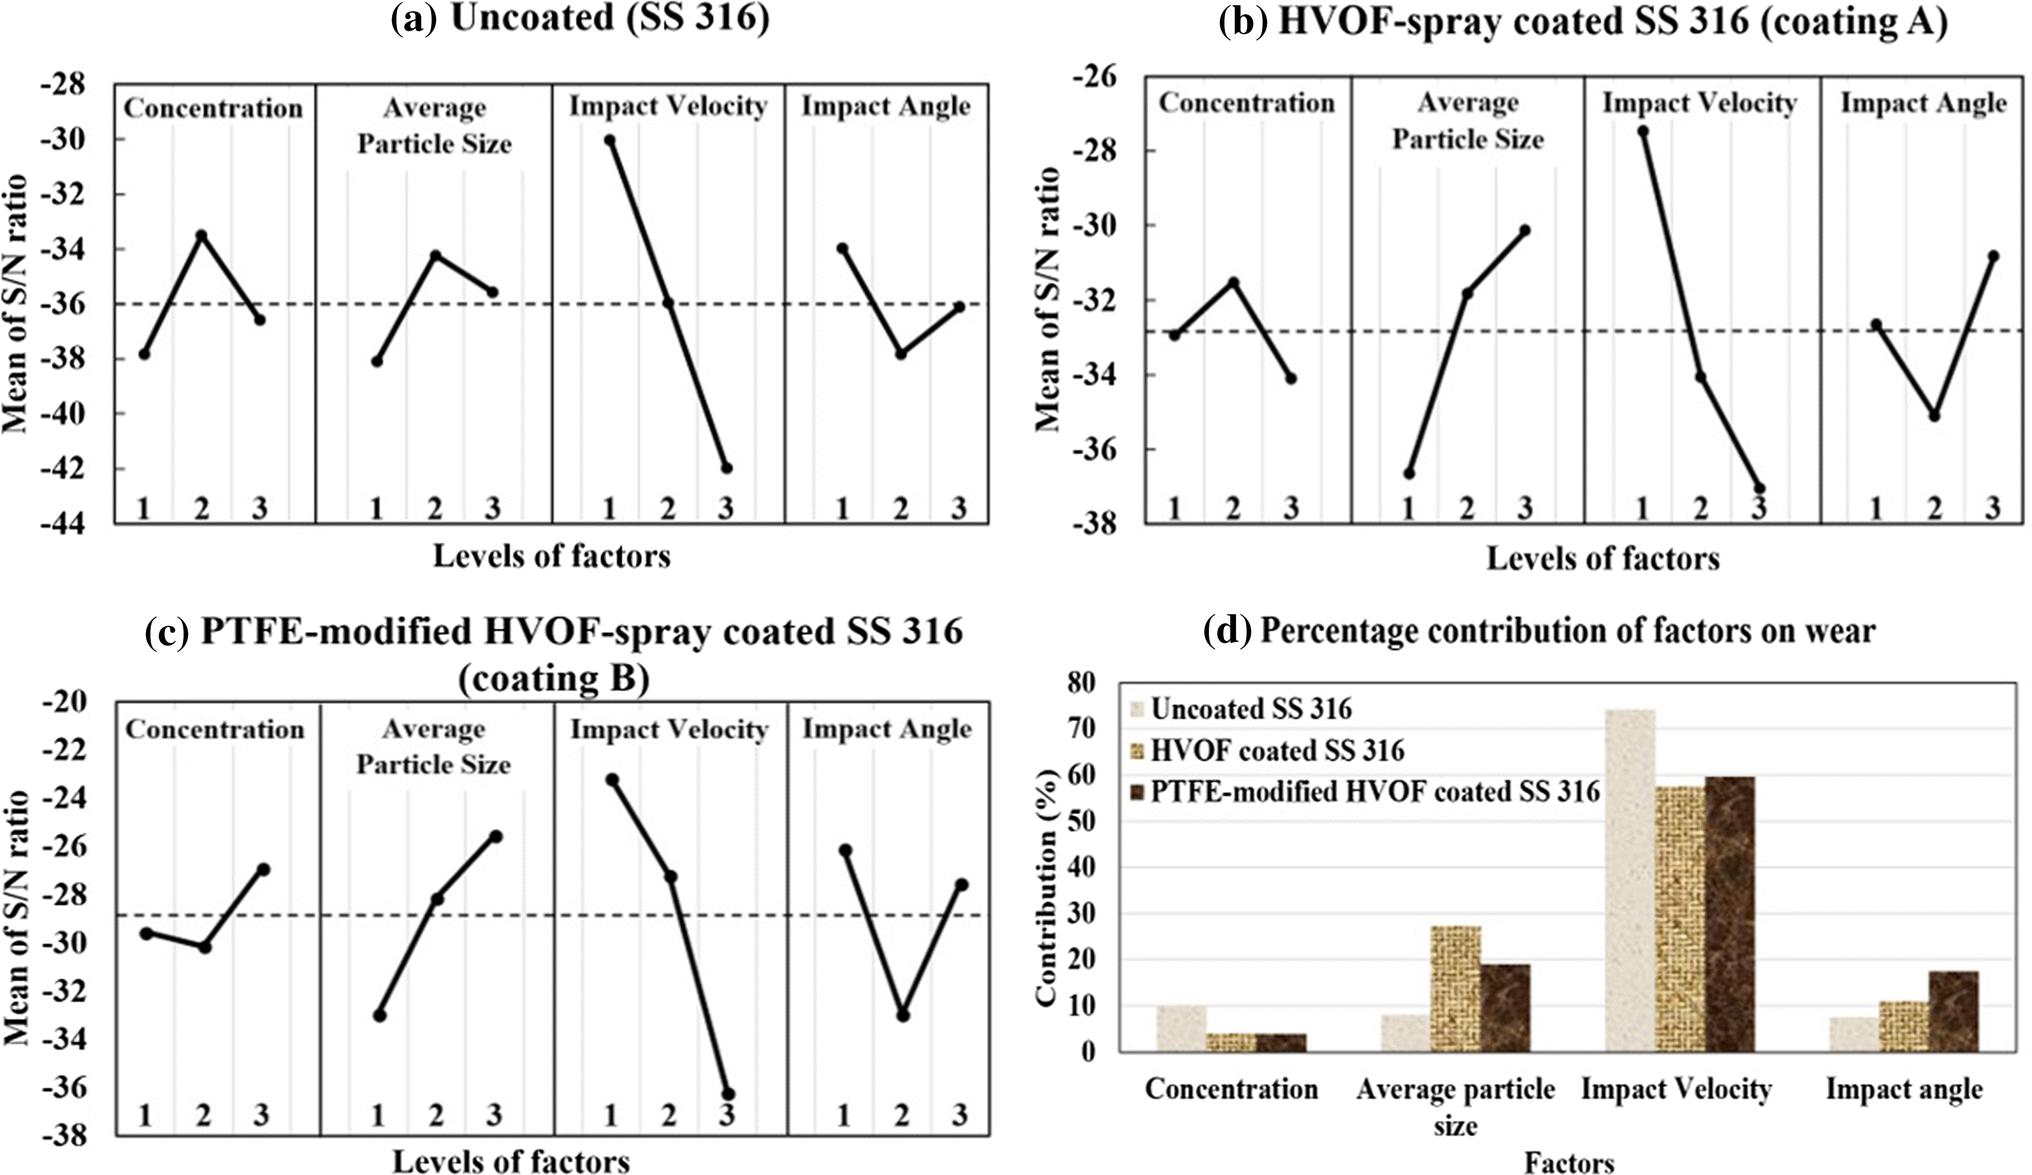 Slurry Erosion Behavior of HVOF-Sprayed WC-10Co-4Cr Coated